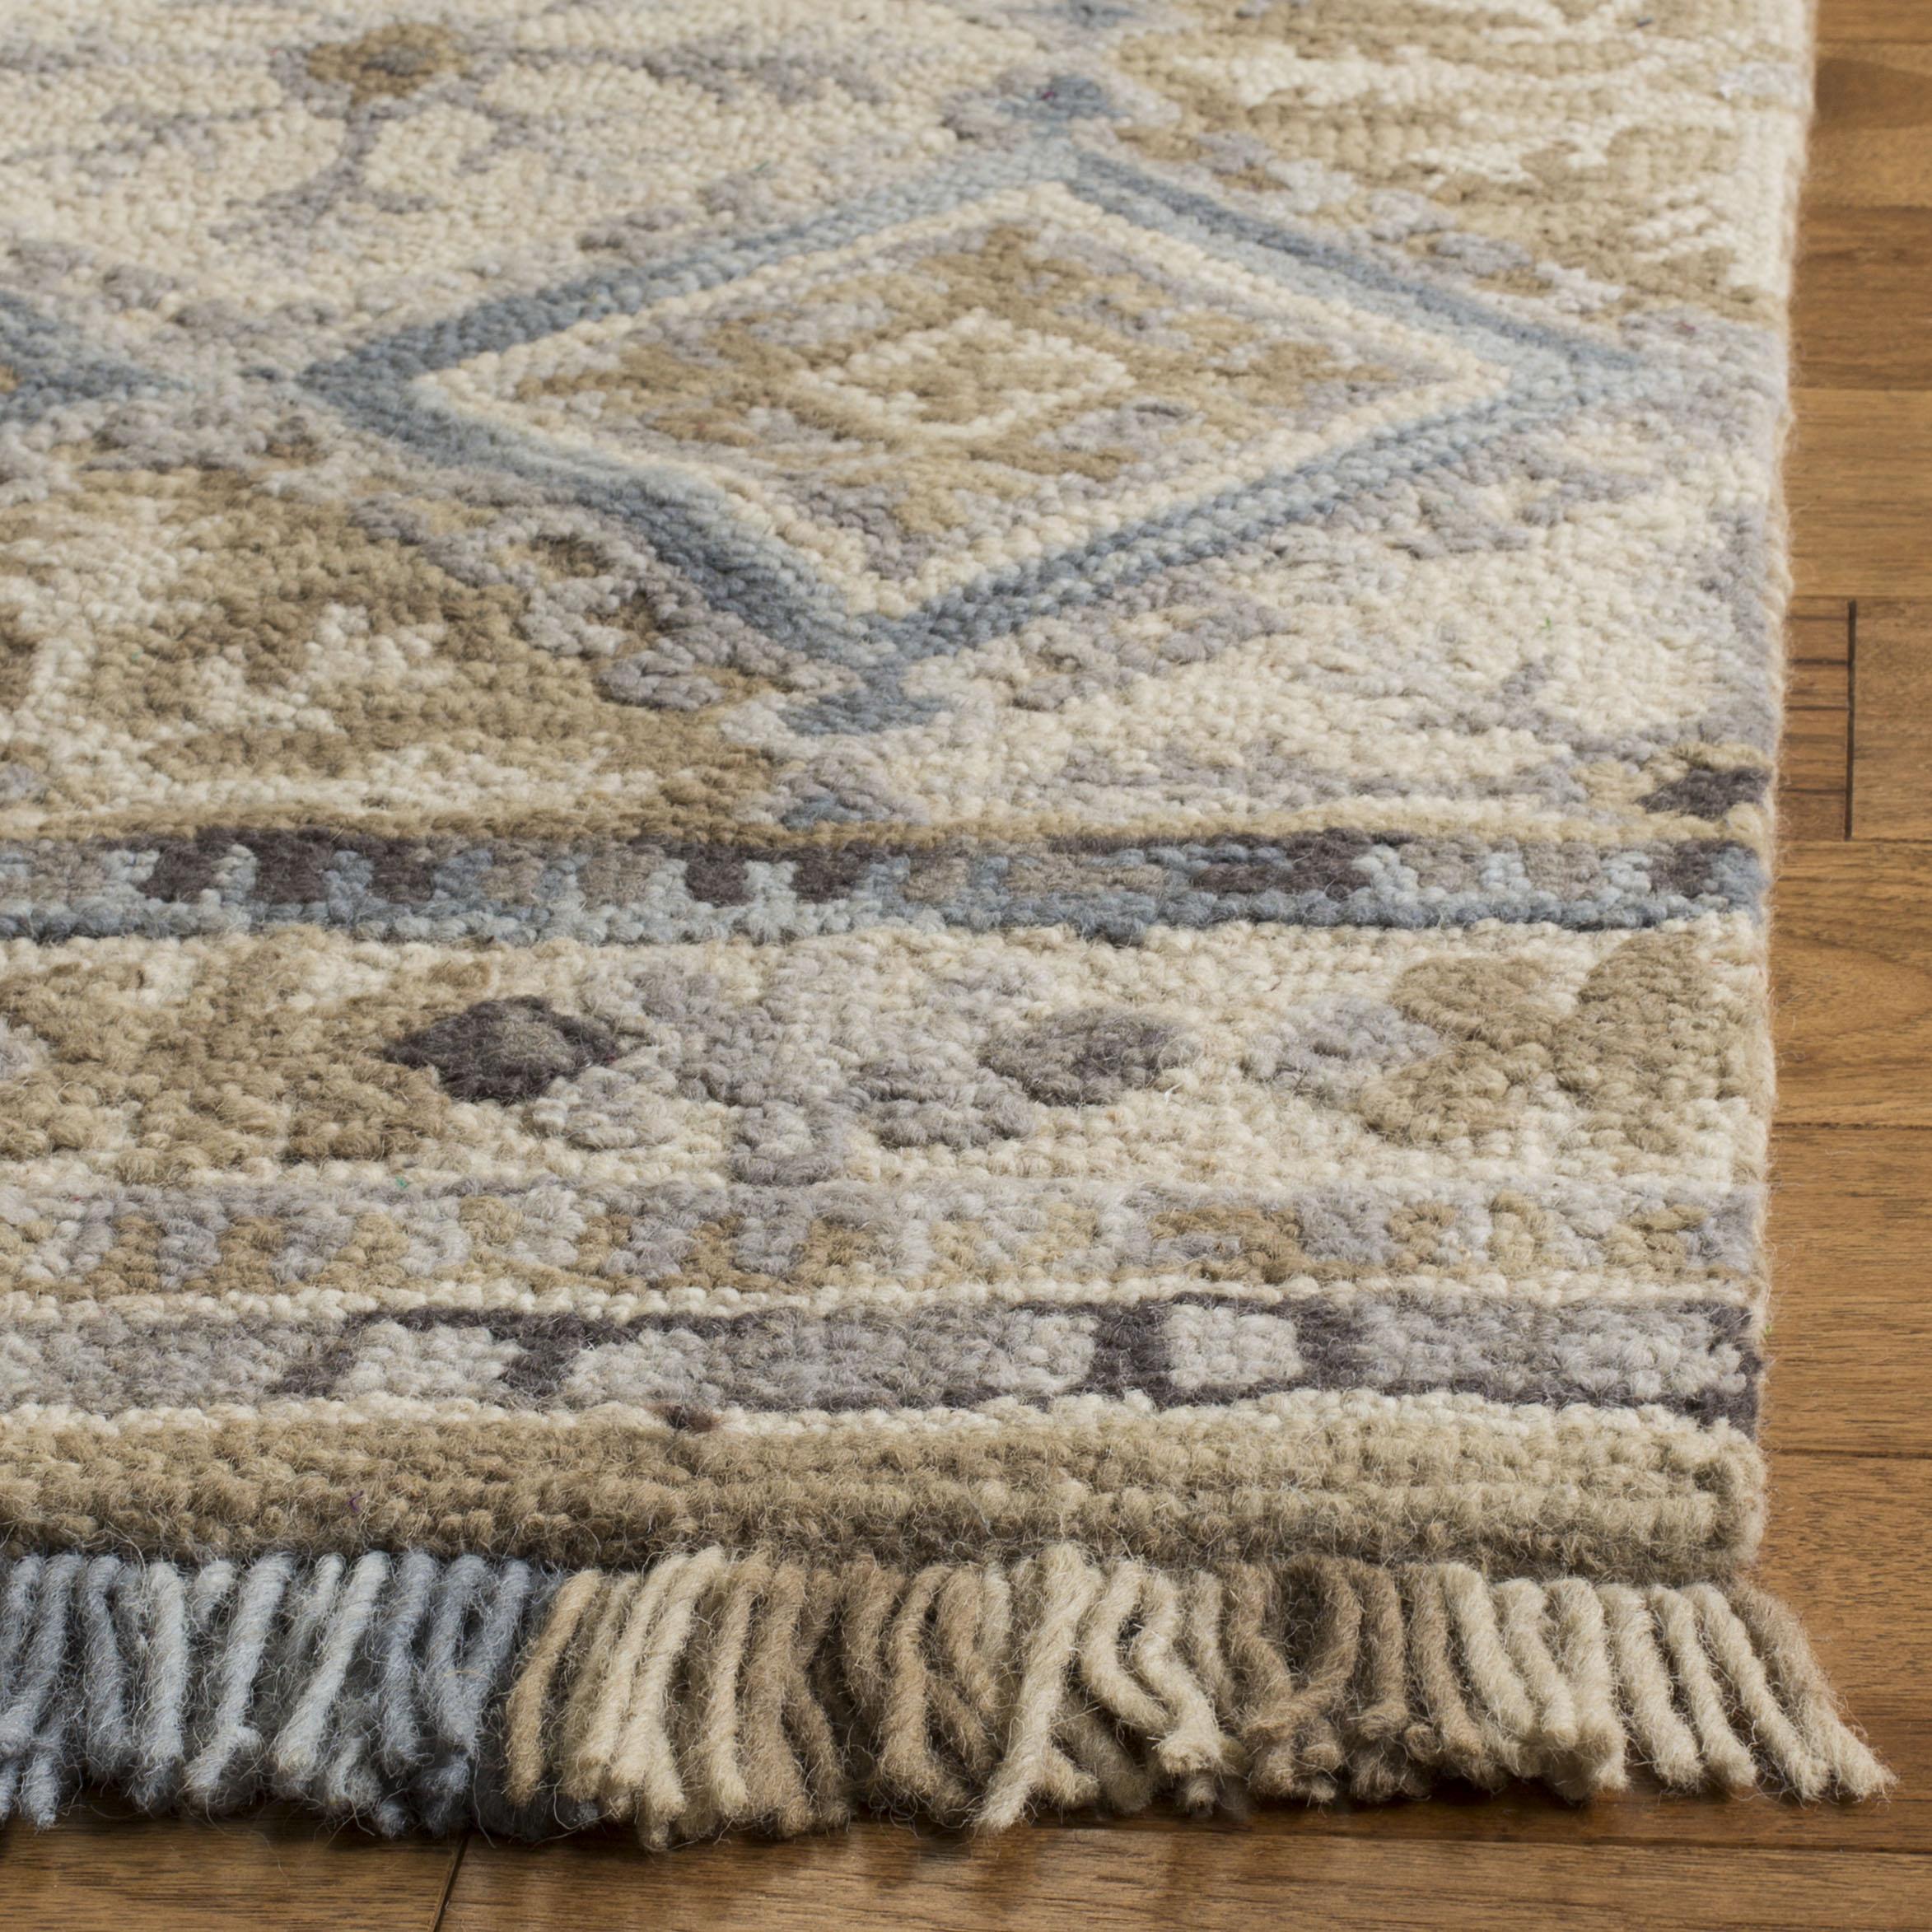 Morgan 421 5' X 8' Tan Wool Rug